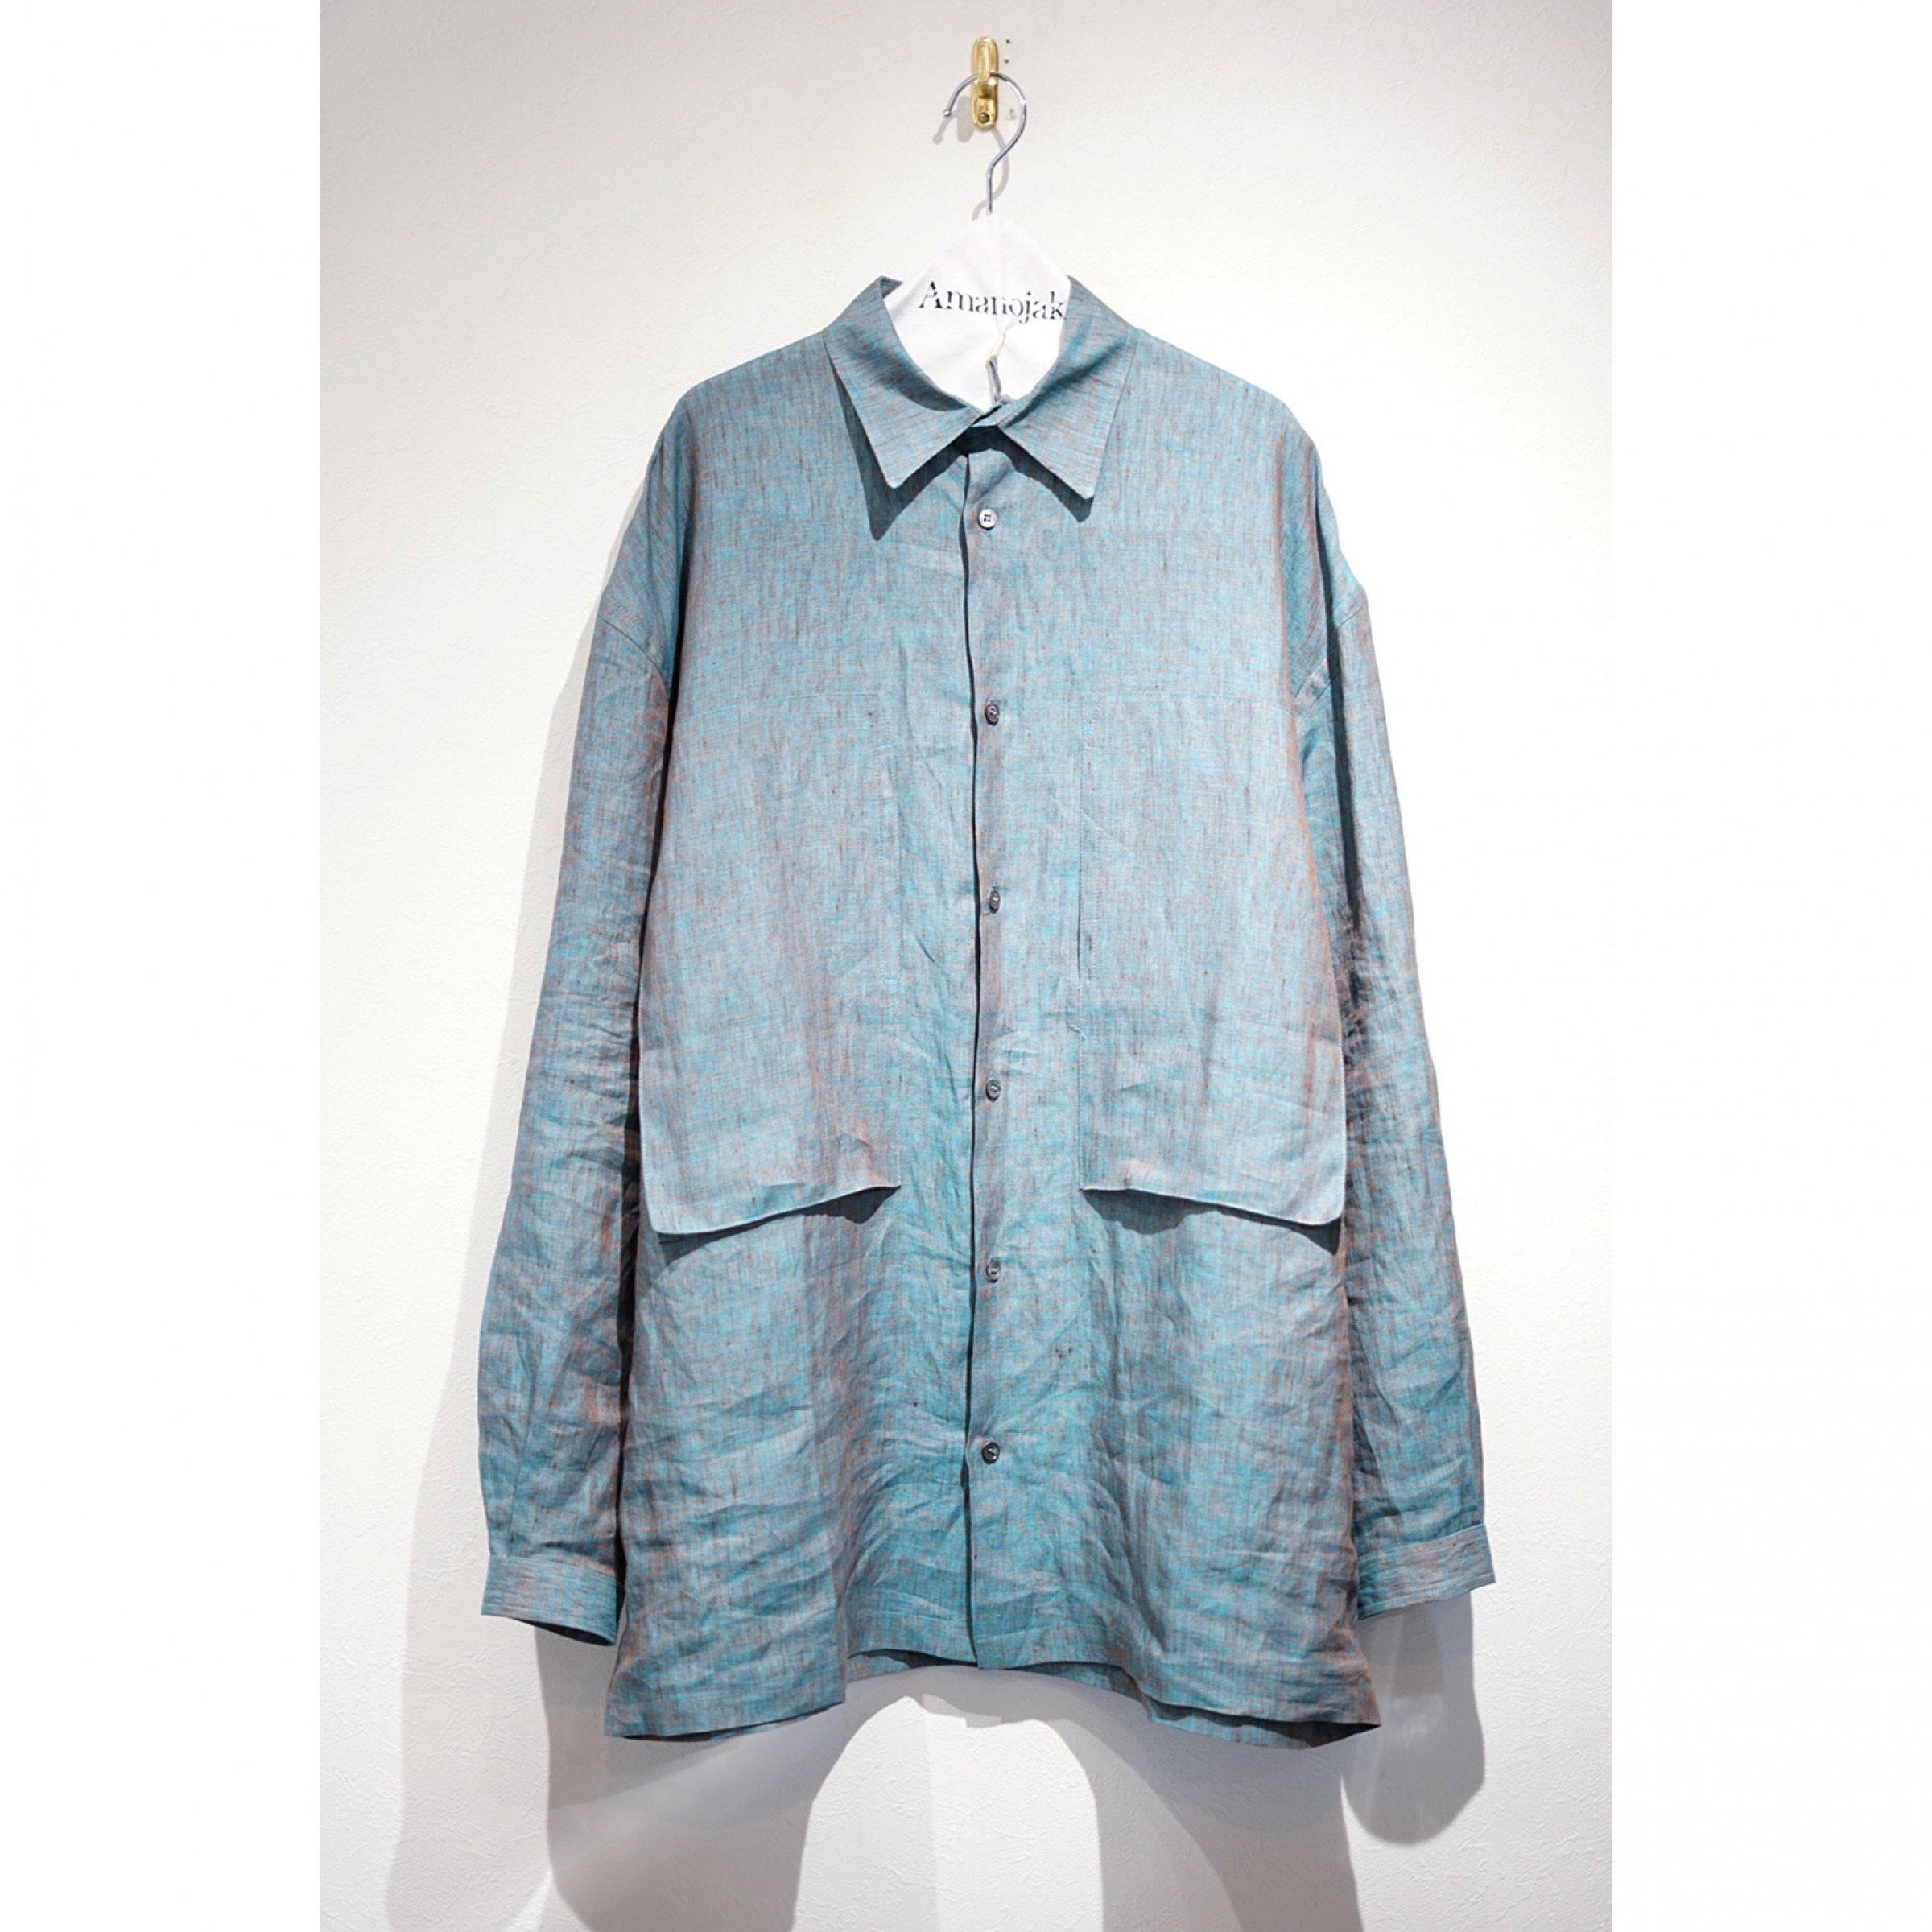 E.TAUTZ-LINEMAN SHIRT LINEN CLOTH